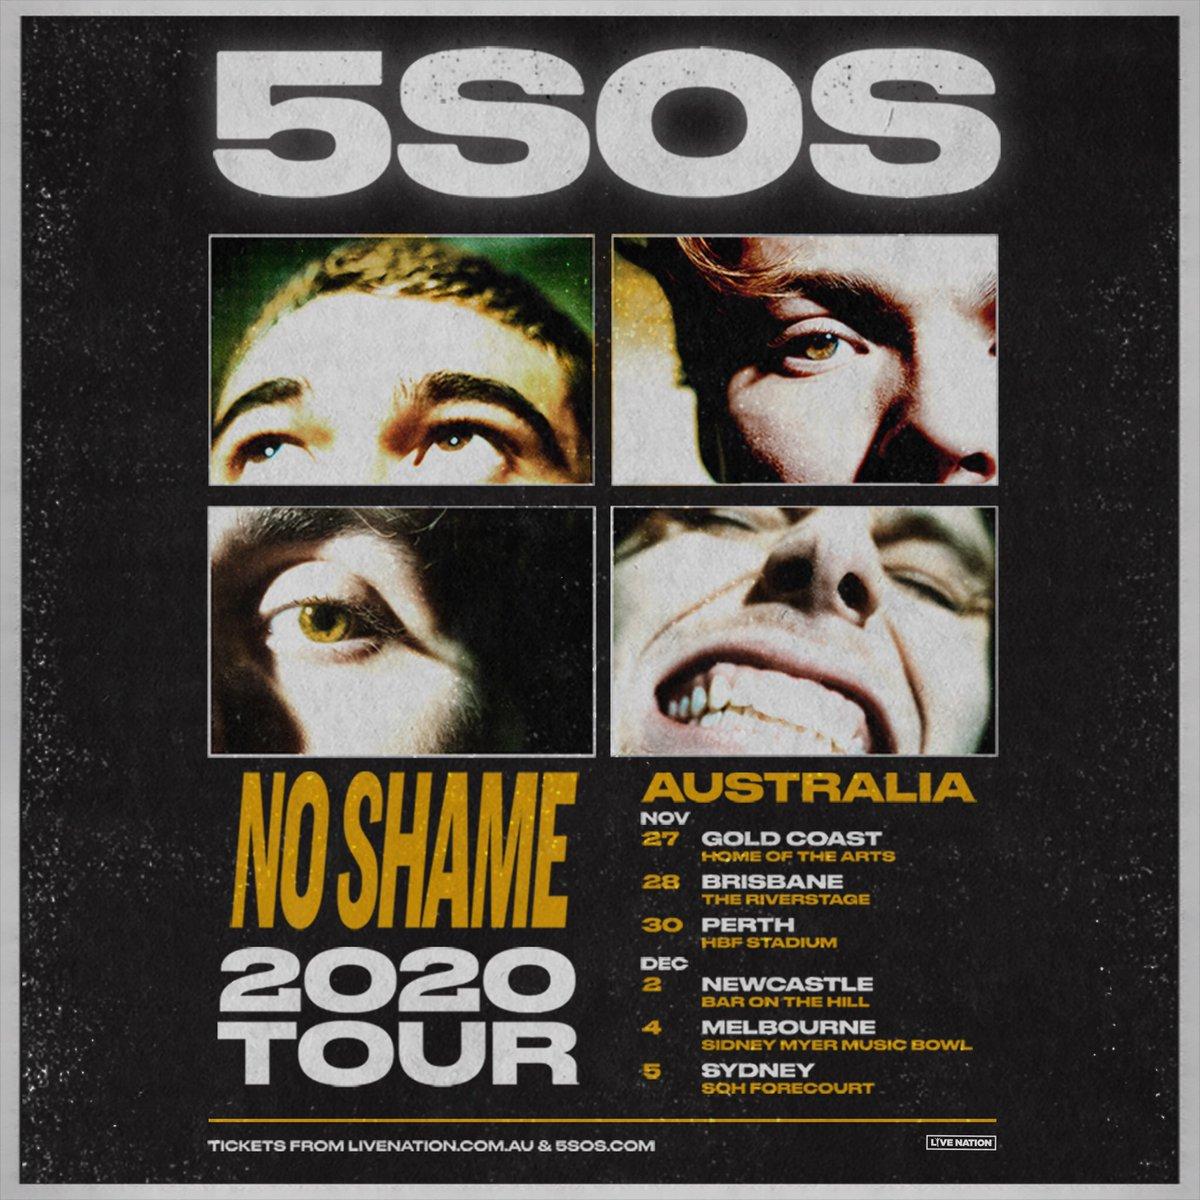 NO SHAME TOUR AUSTRALIA 2020 // ON SALE 21 FEB // 5SOS.COM